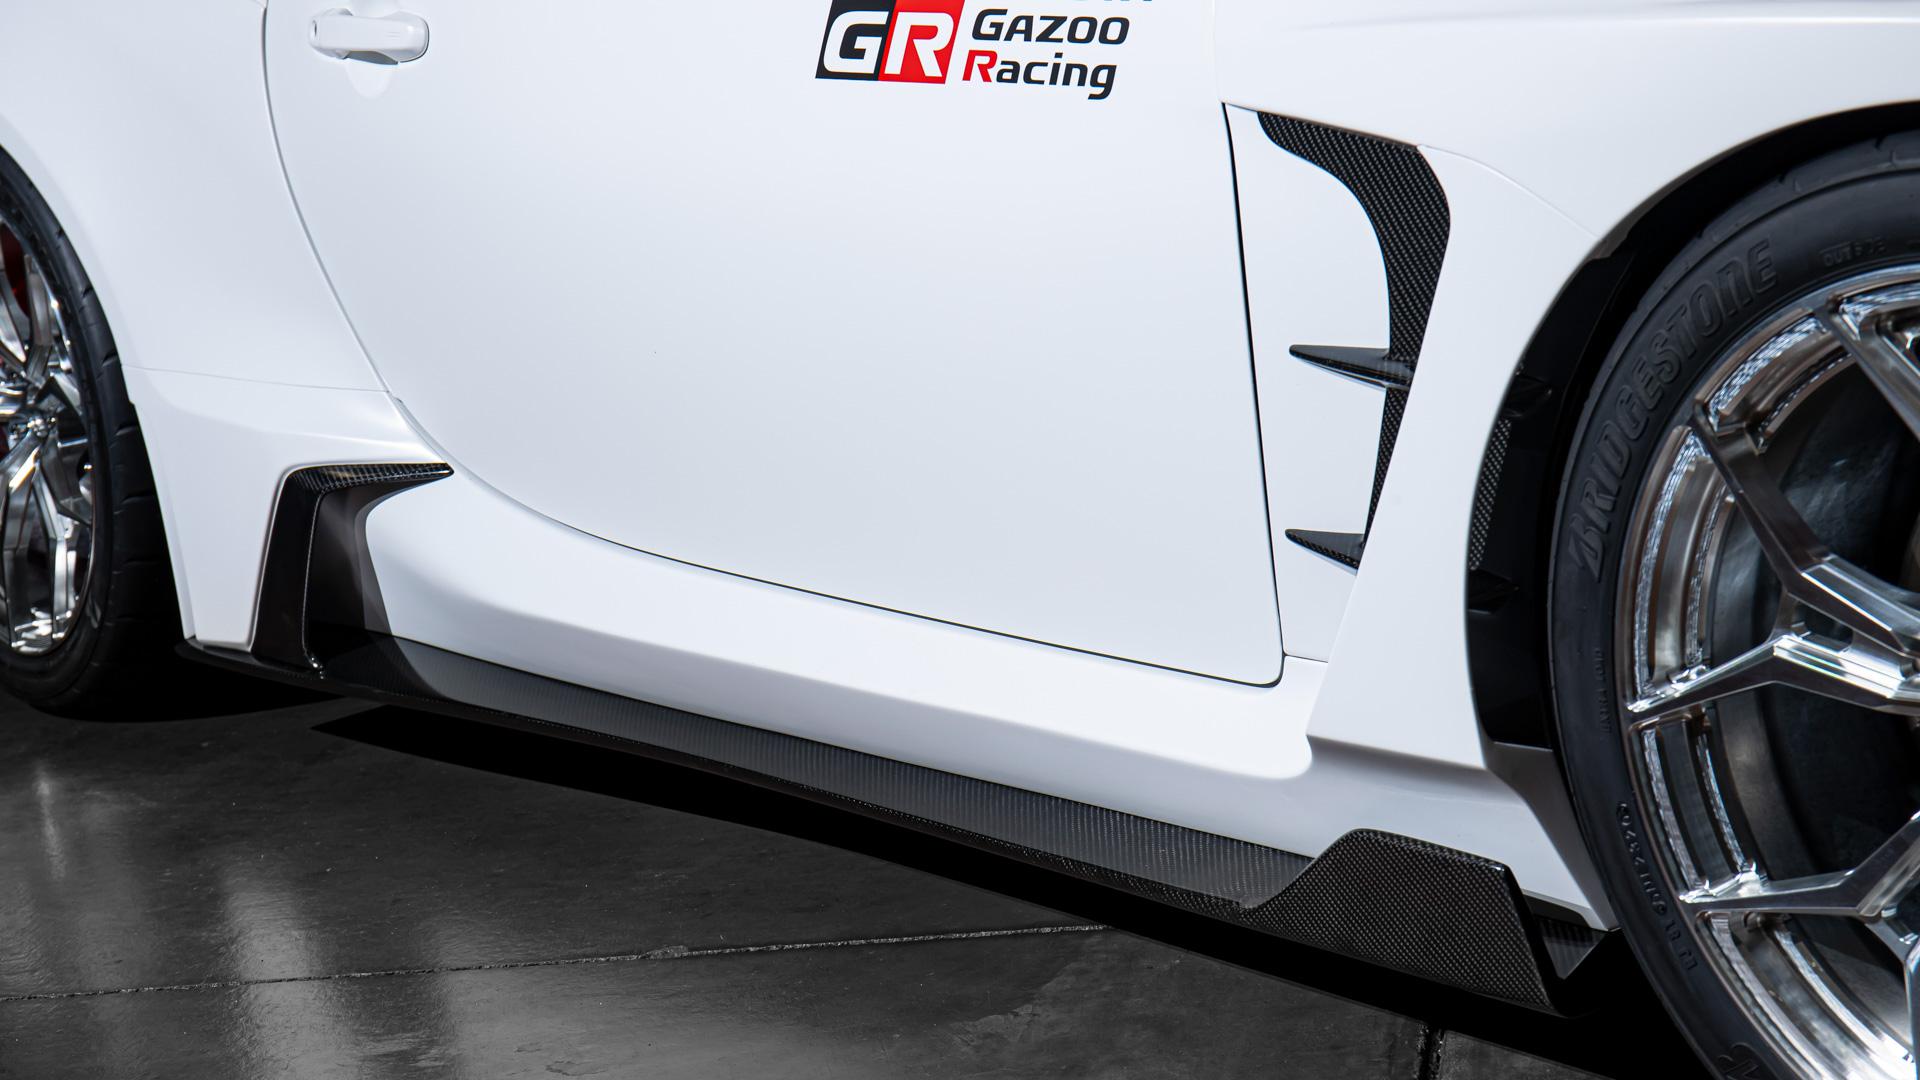 【サイドスカート】車両下端の黒い水平板はボディ側面と床下の空気の流れをしっかり分割しグラゥンドエフェクトを増大させる狙い。リヤのホイールアーチ前方のエアインレット&アウトレットはボディ側面の風の流れをホイールアーチ直前で側方に跳ね上げることでホイールハウス内の空気を排出し、ダウンフォースを高めた